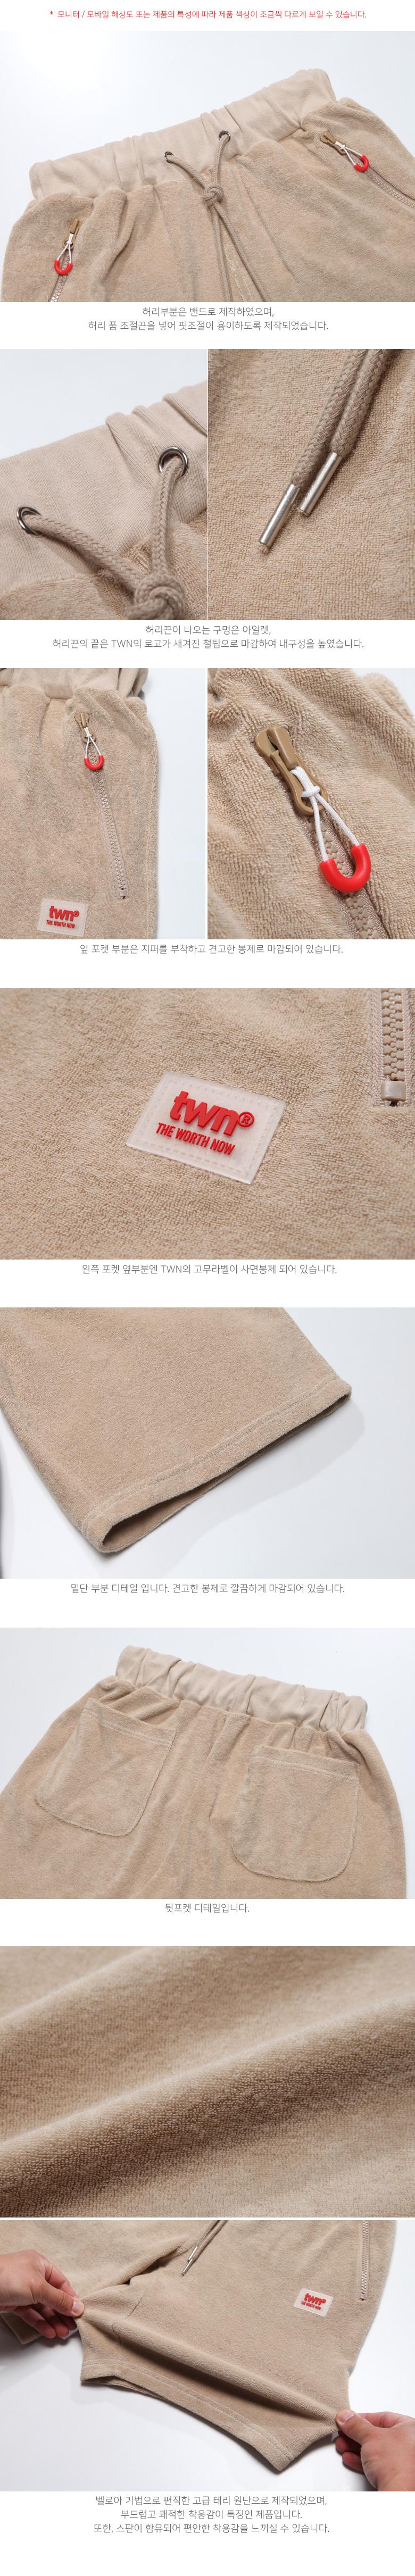 20190418_twn_freshshort_detail_beige_je_02.jpg